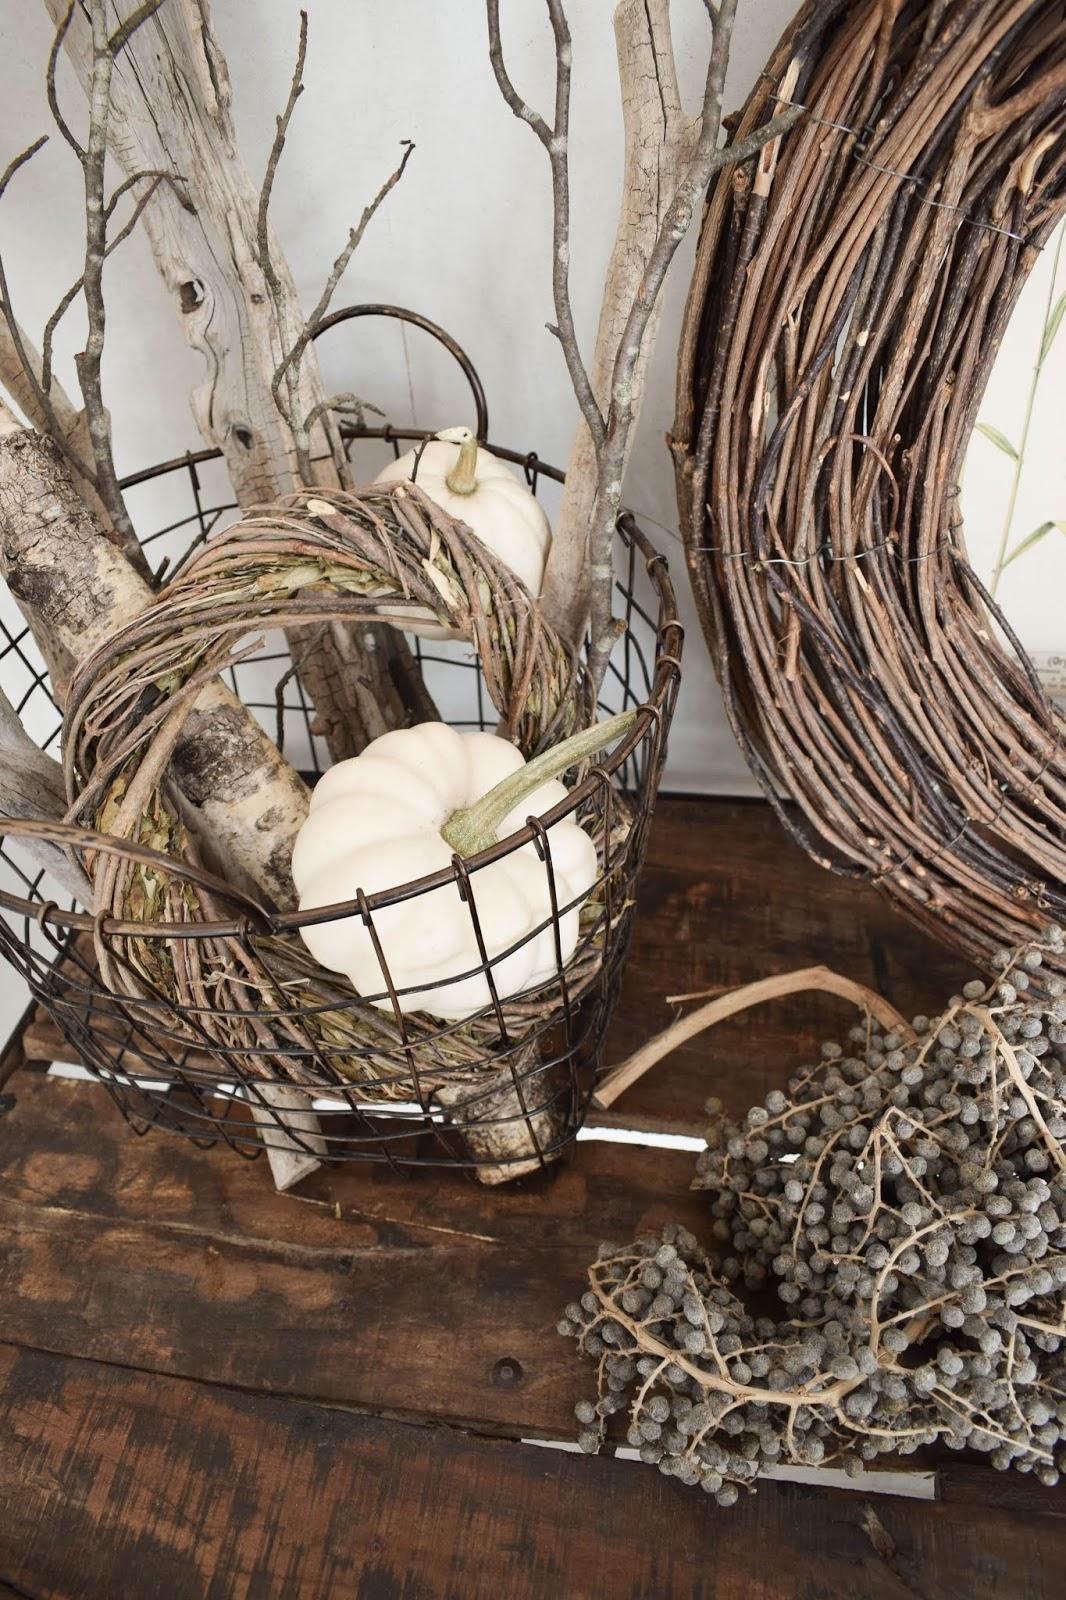 Herbstdeko für Konsole. Deko für den Herbst mit Kübrissen, Kränzen, Holz und botanischen Drucken. Dekoidee. Herbstlich dekorieren Wohnidee Sideboard Kürbis baby booh